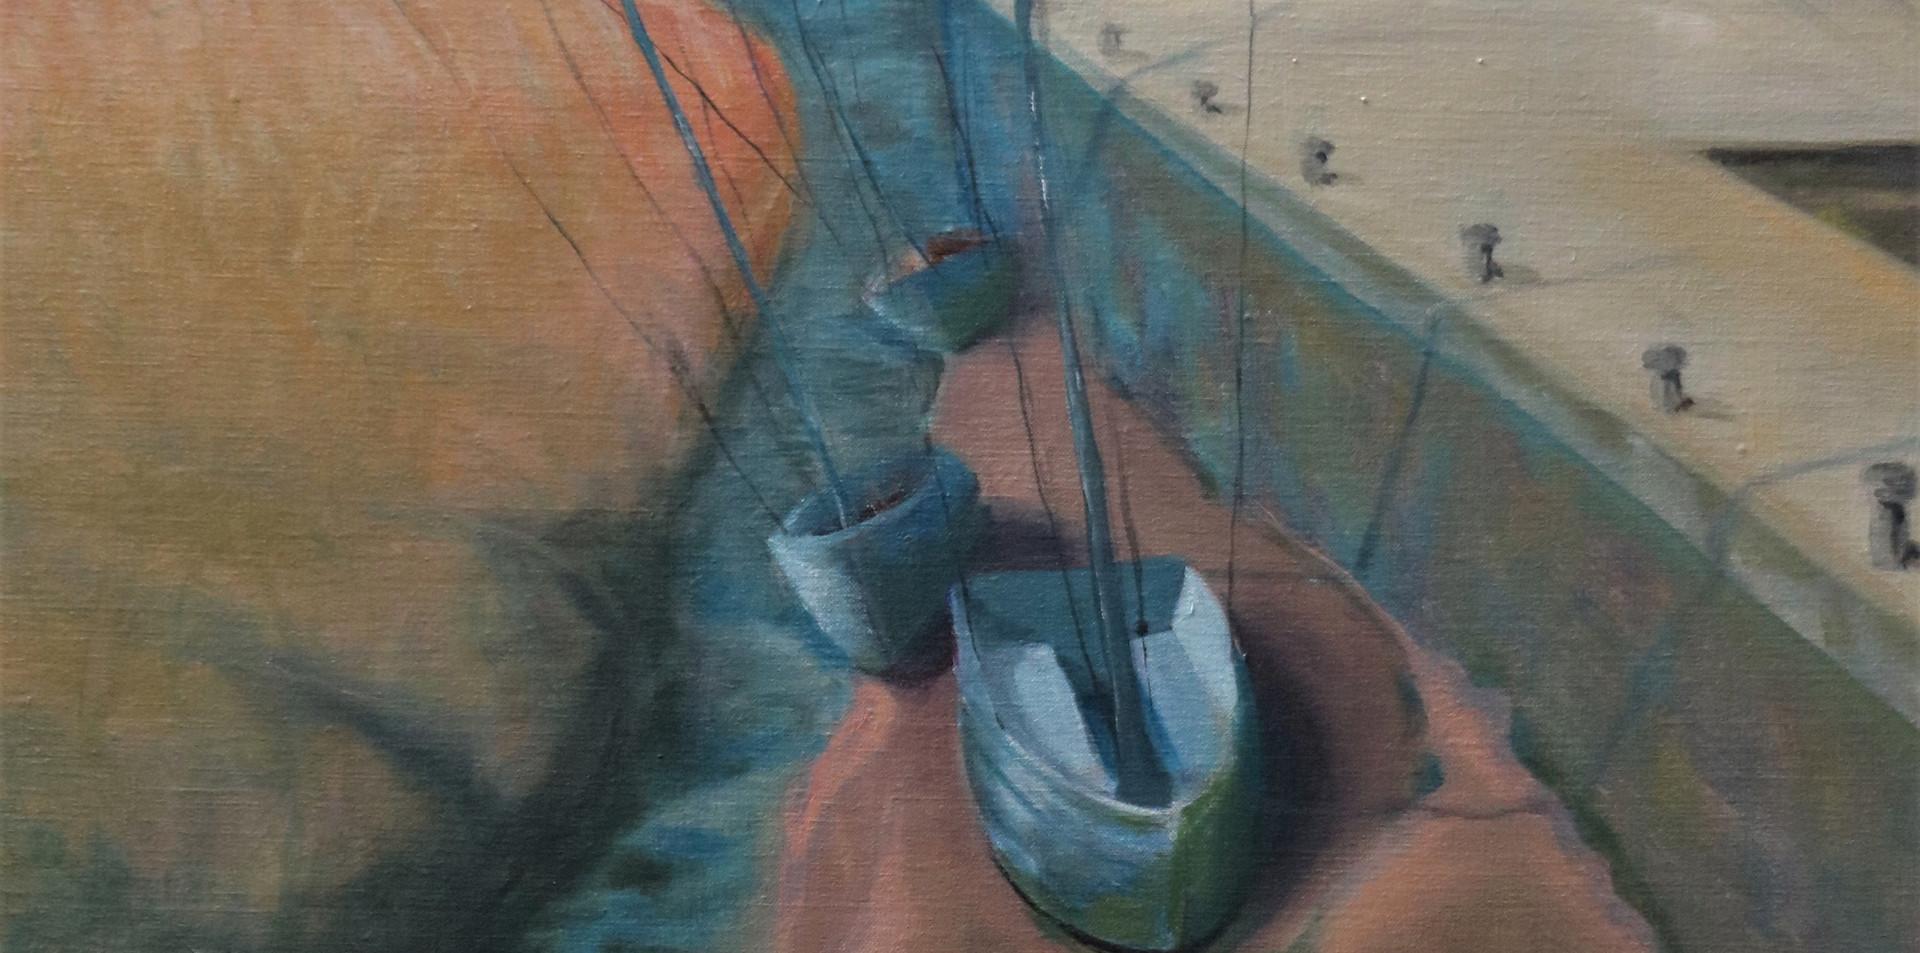 2016 - olie op doek 60 x 80 cm - De monding van de Canche